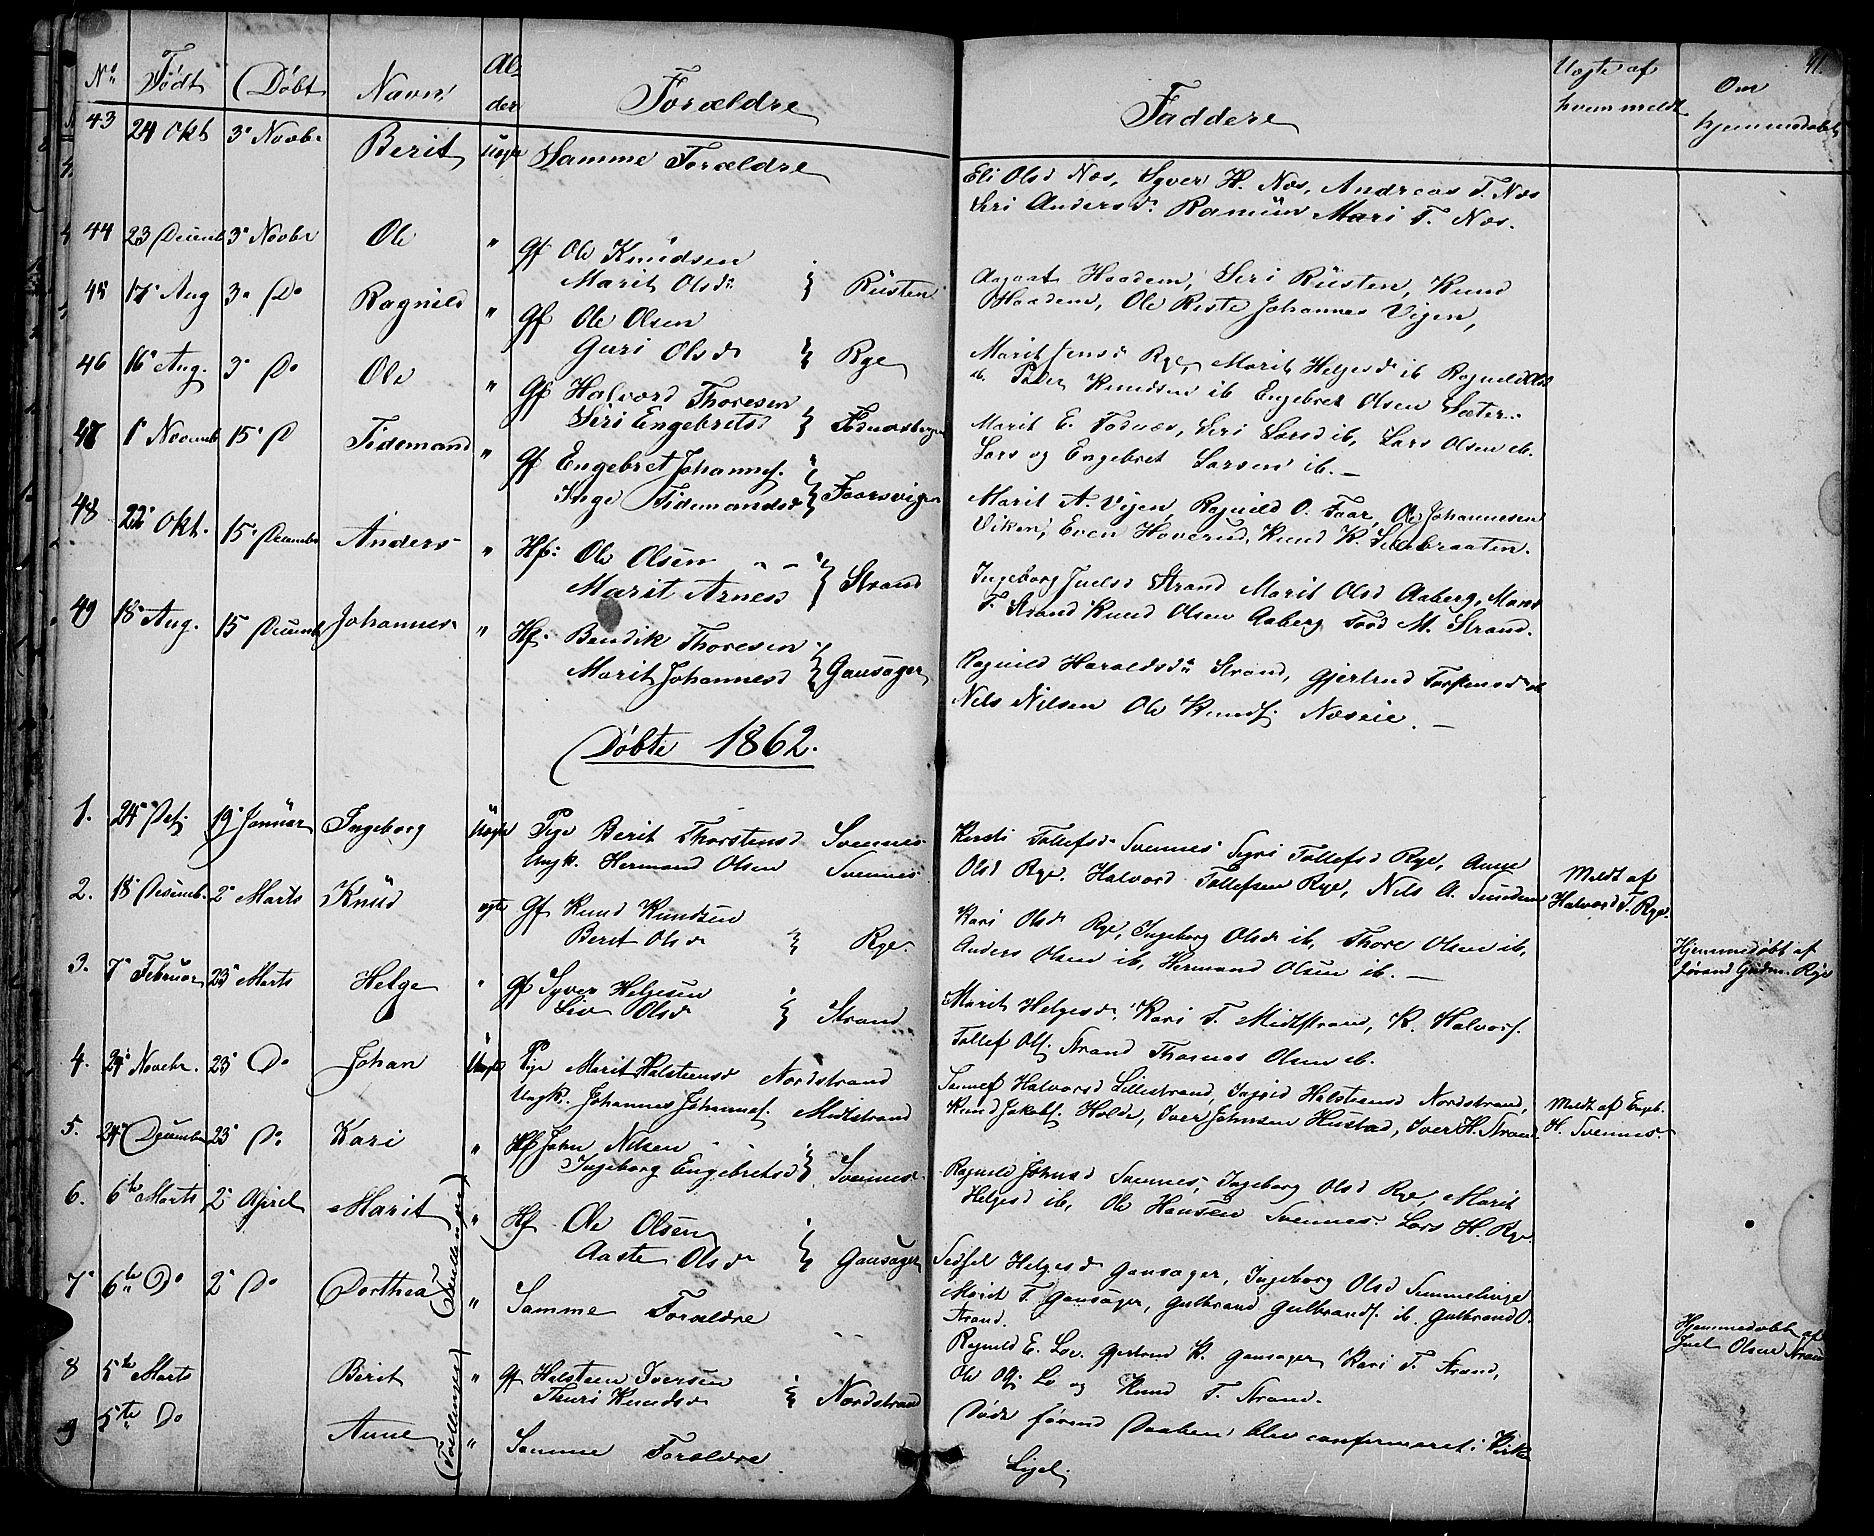 SAH, Nord-Aurdal prestekontor, Klokkerbok nr. 3, 1842-1882, s. 41